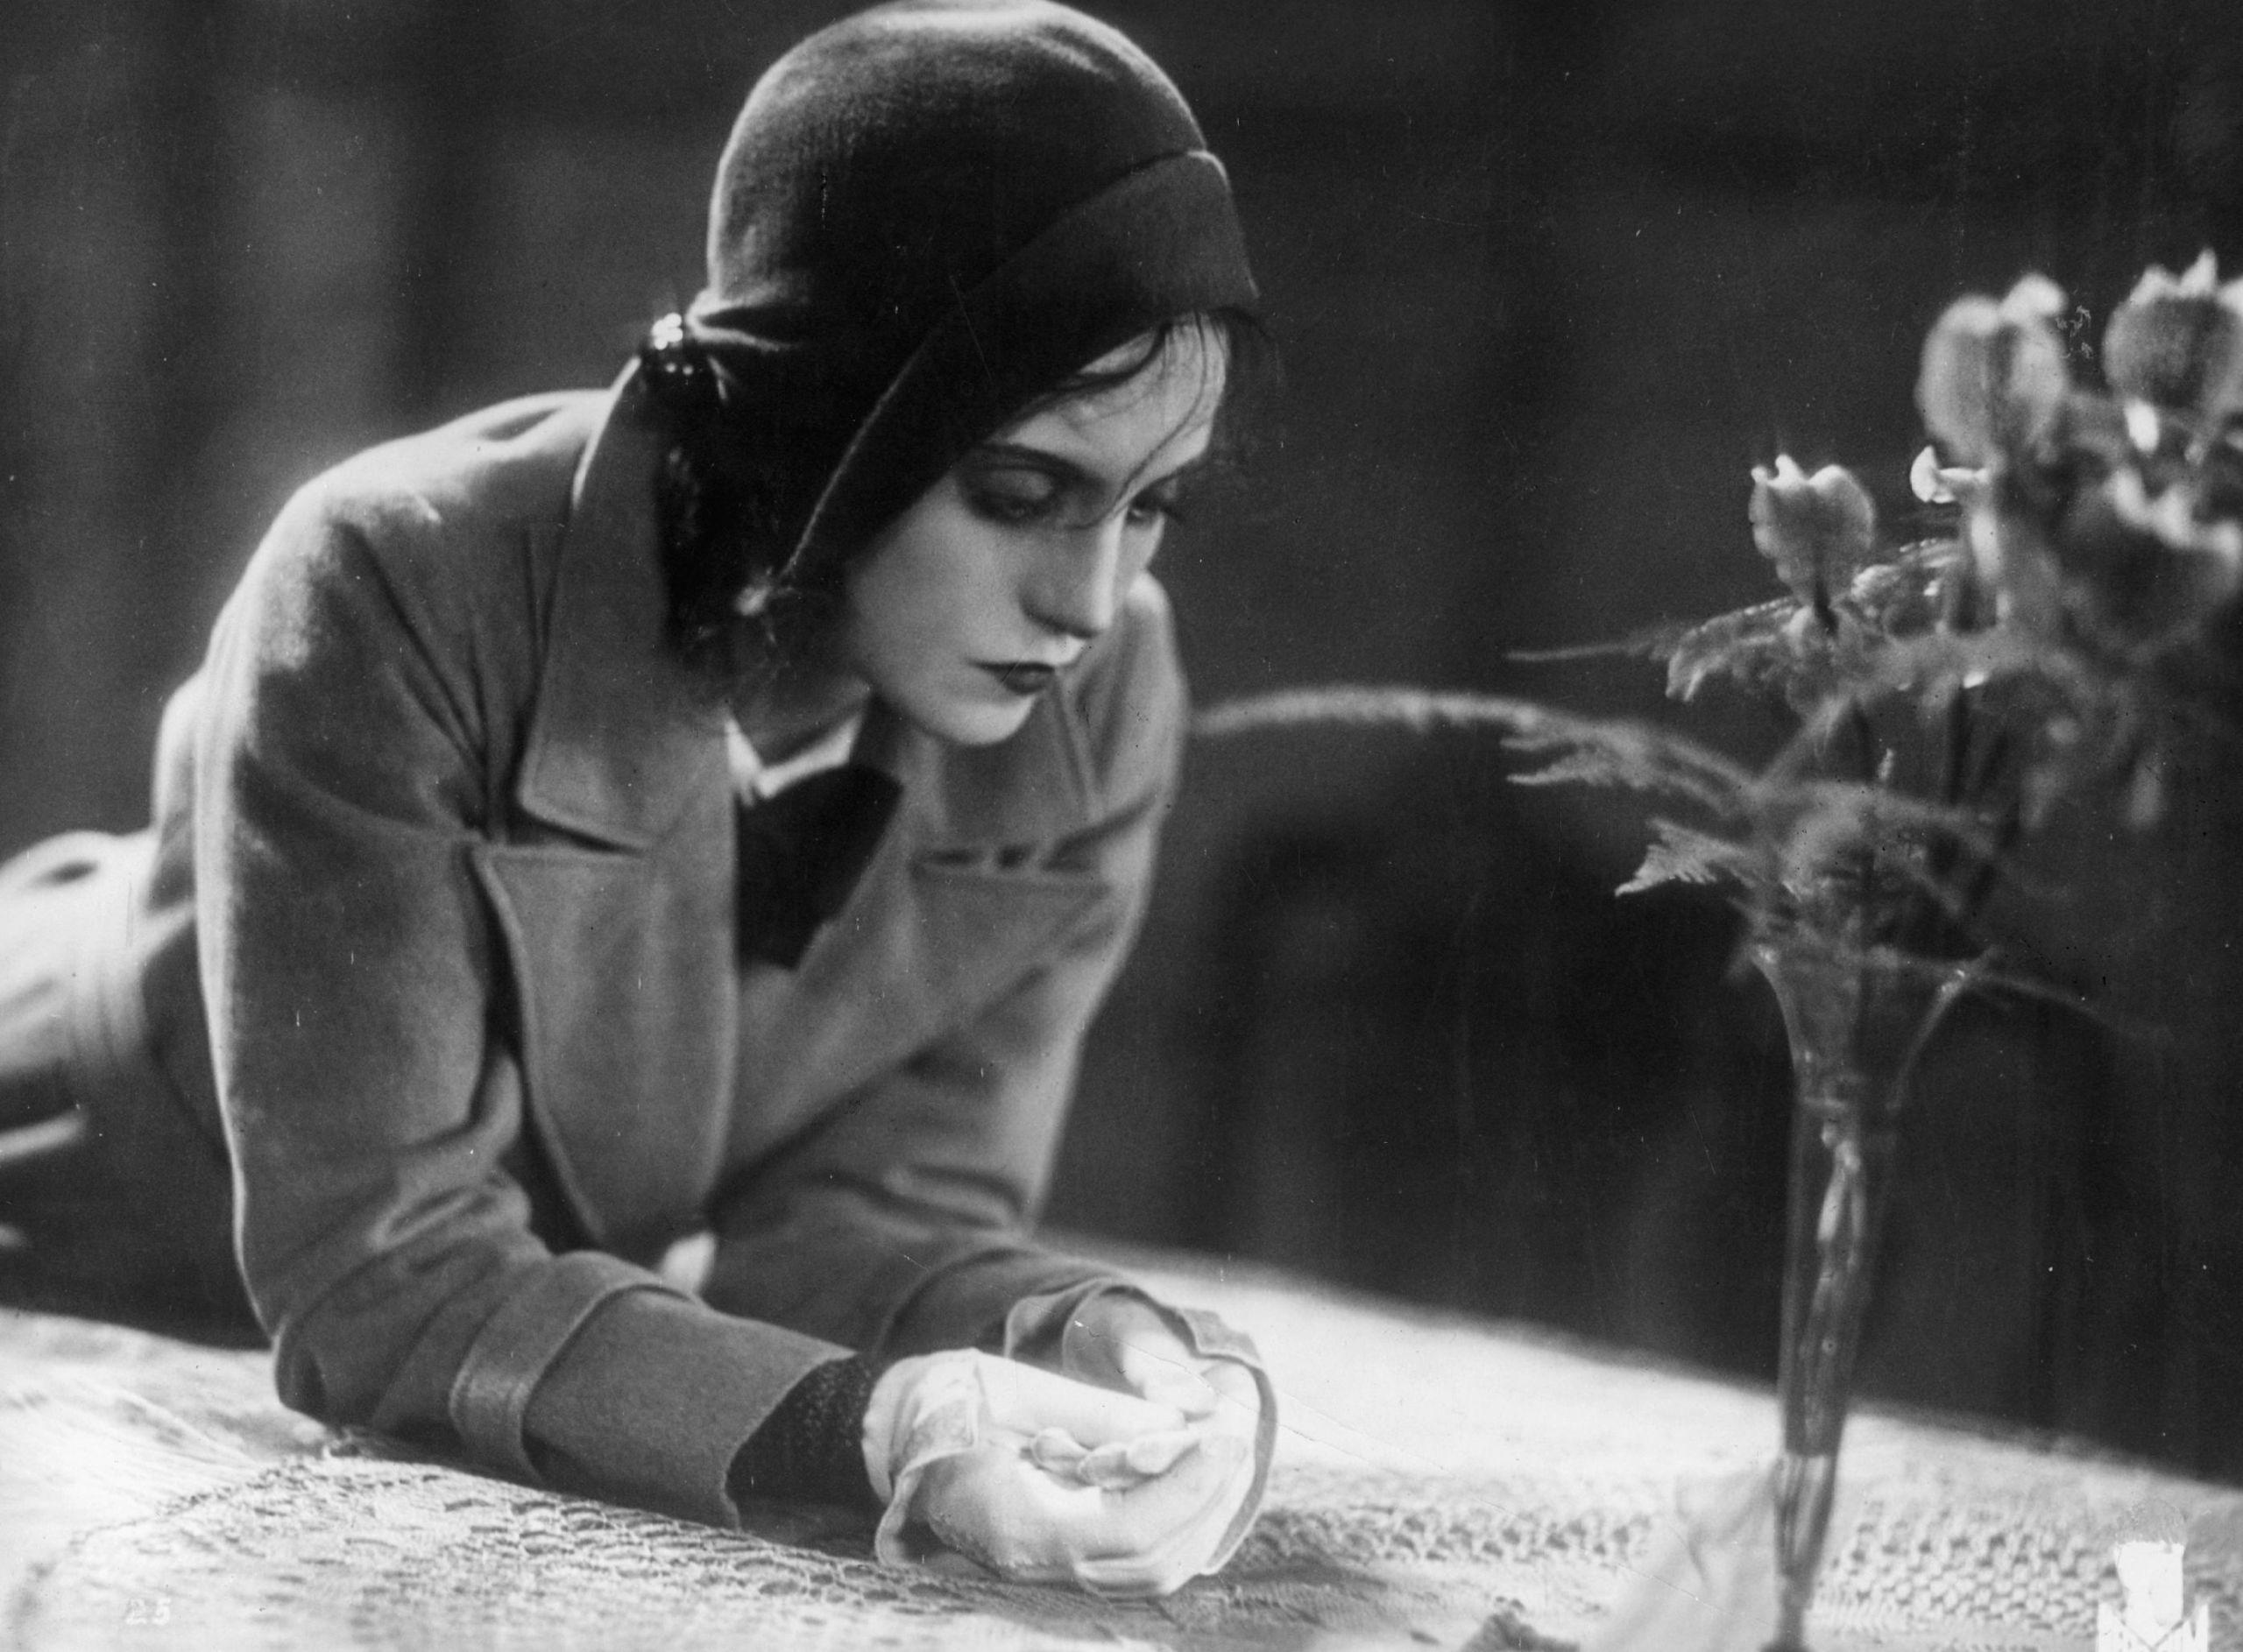 <i>Ariane</i> (D 1930/31, Regie: Paul Czinner), Quelle: Deutsche Kinemathek